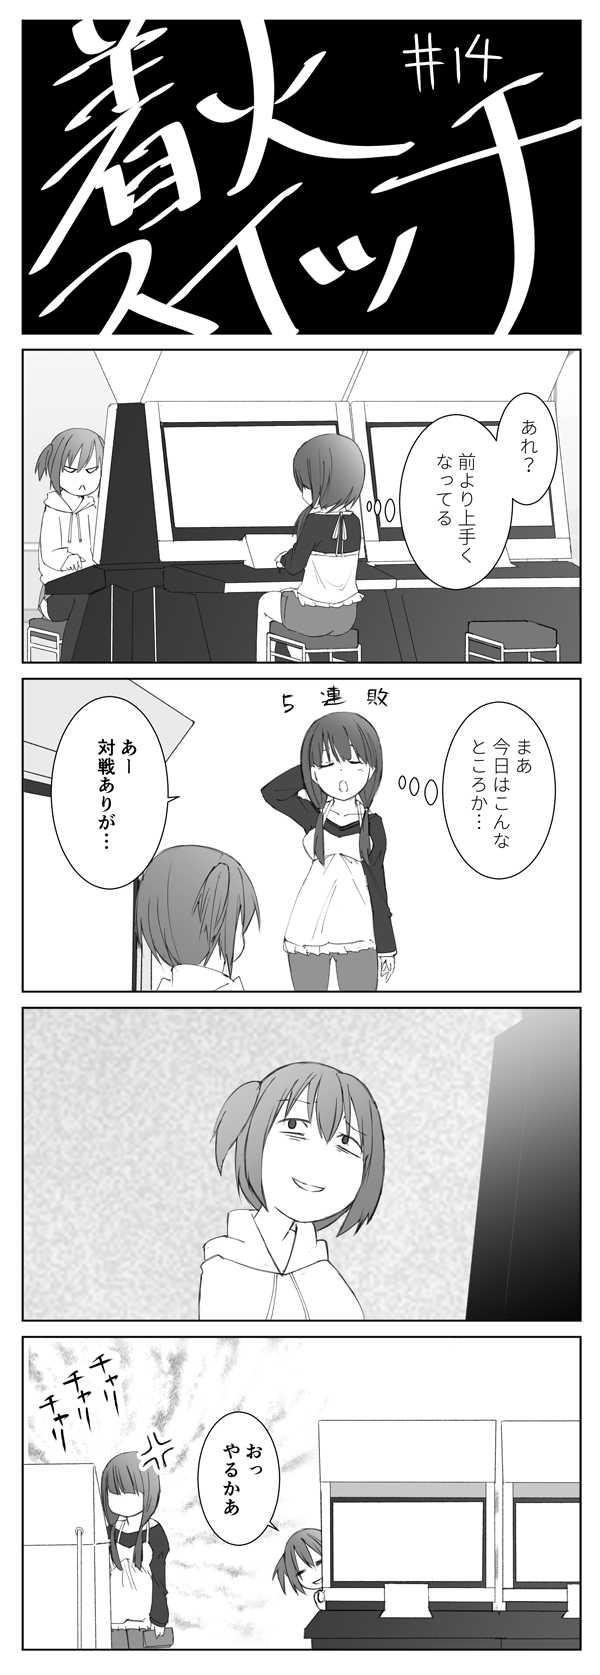 たゆたRom.14本目「着火スイッチ」